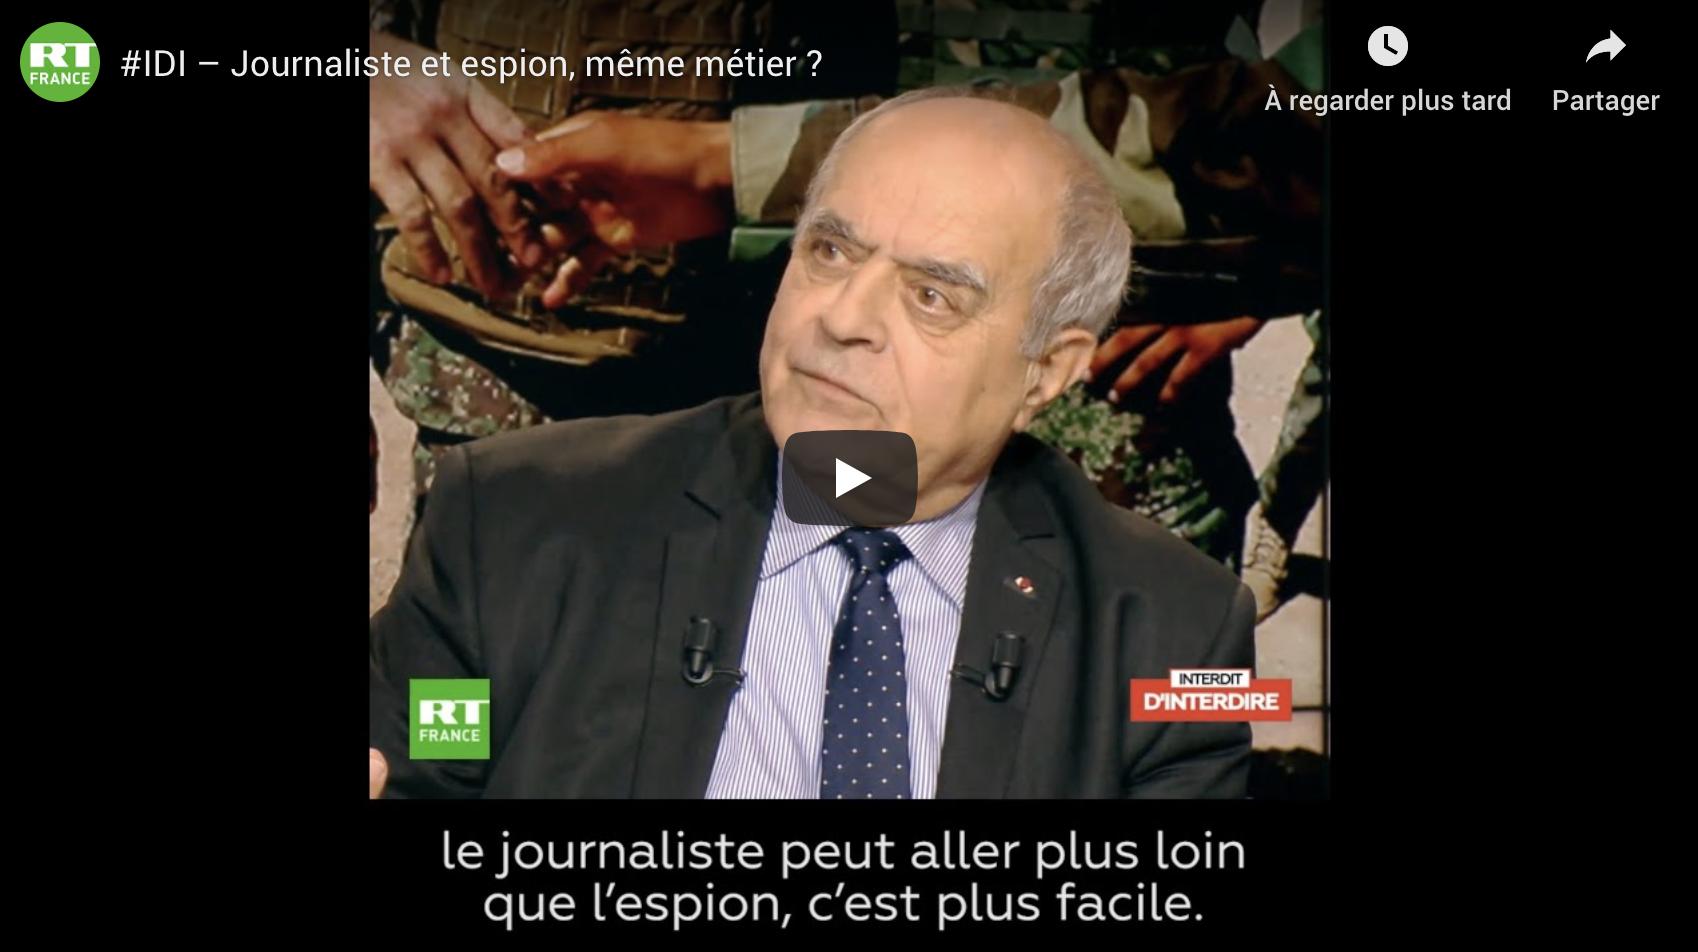 Alain Juillet, ancien directeur du renseignement de la DGSE : « Aujourd'hui, le journaliste peut aller plus loin que l'espion » (VIDÉO)